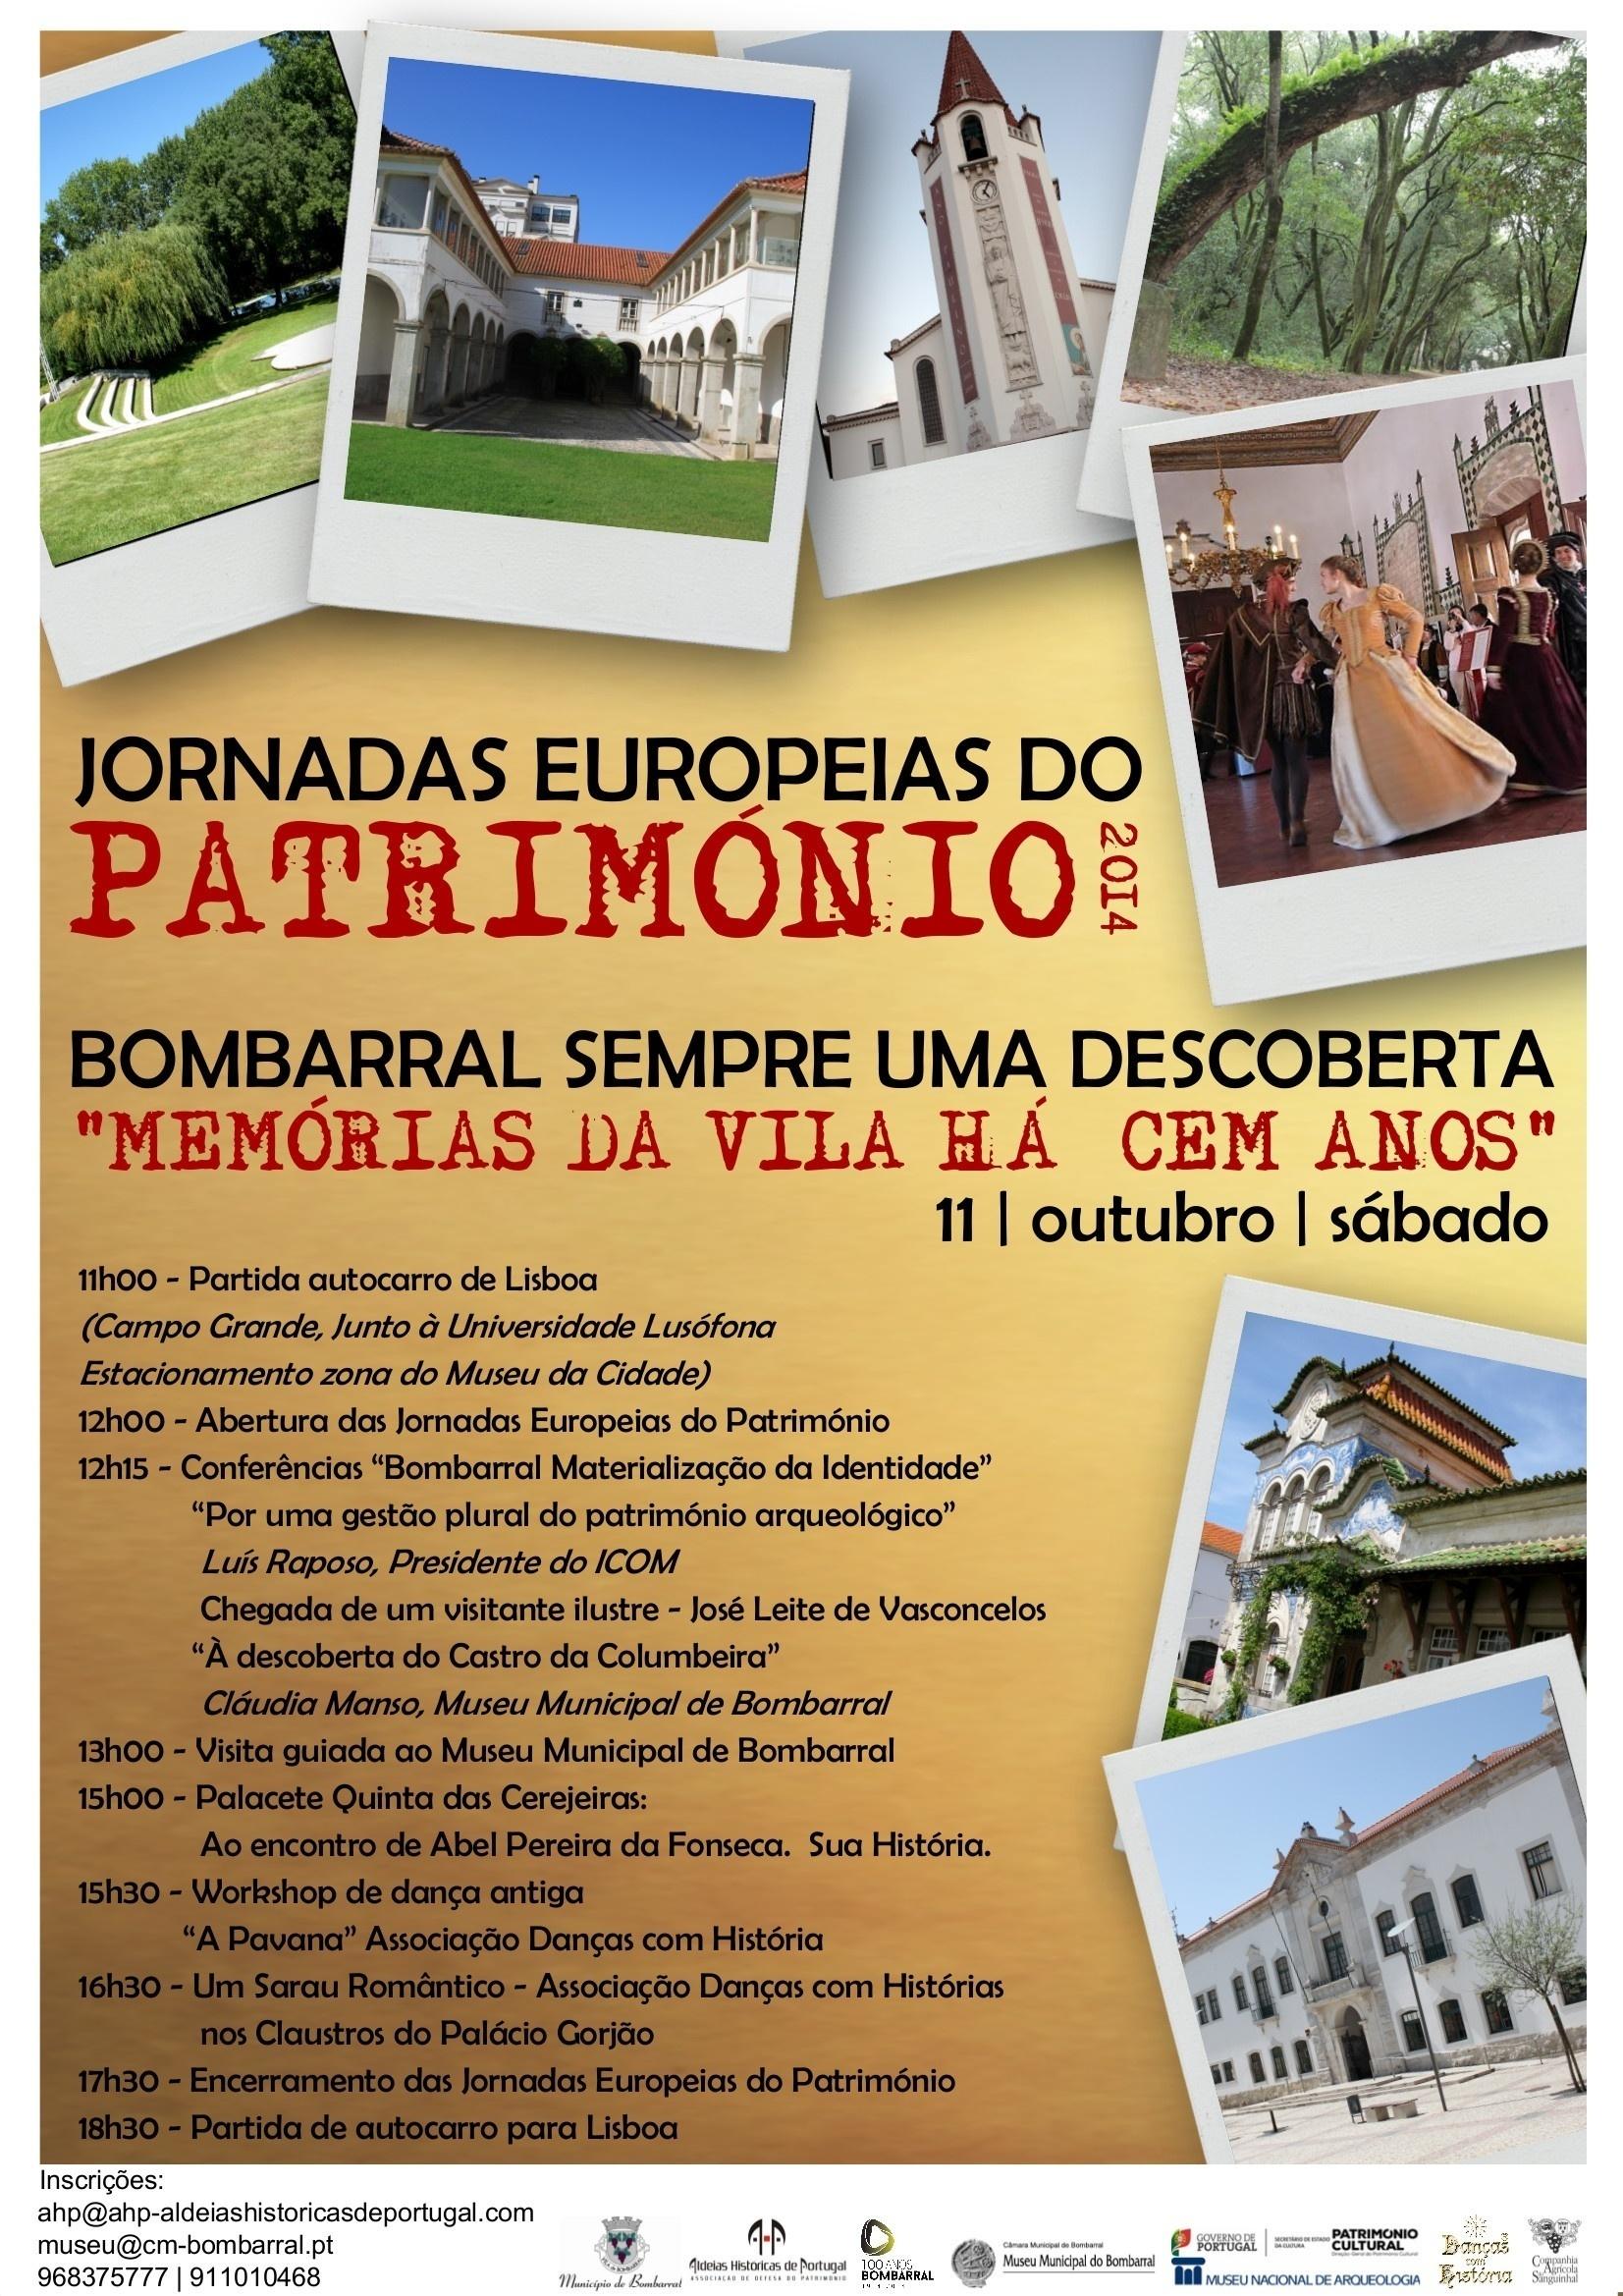 CARTAZ JORNADAS EUROPEIAS 2